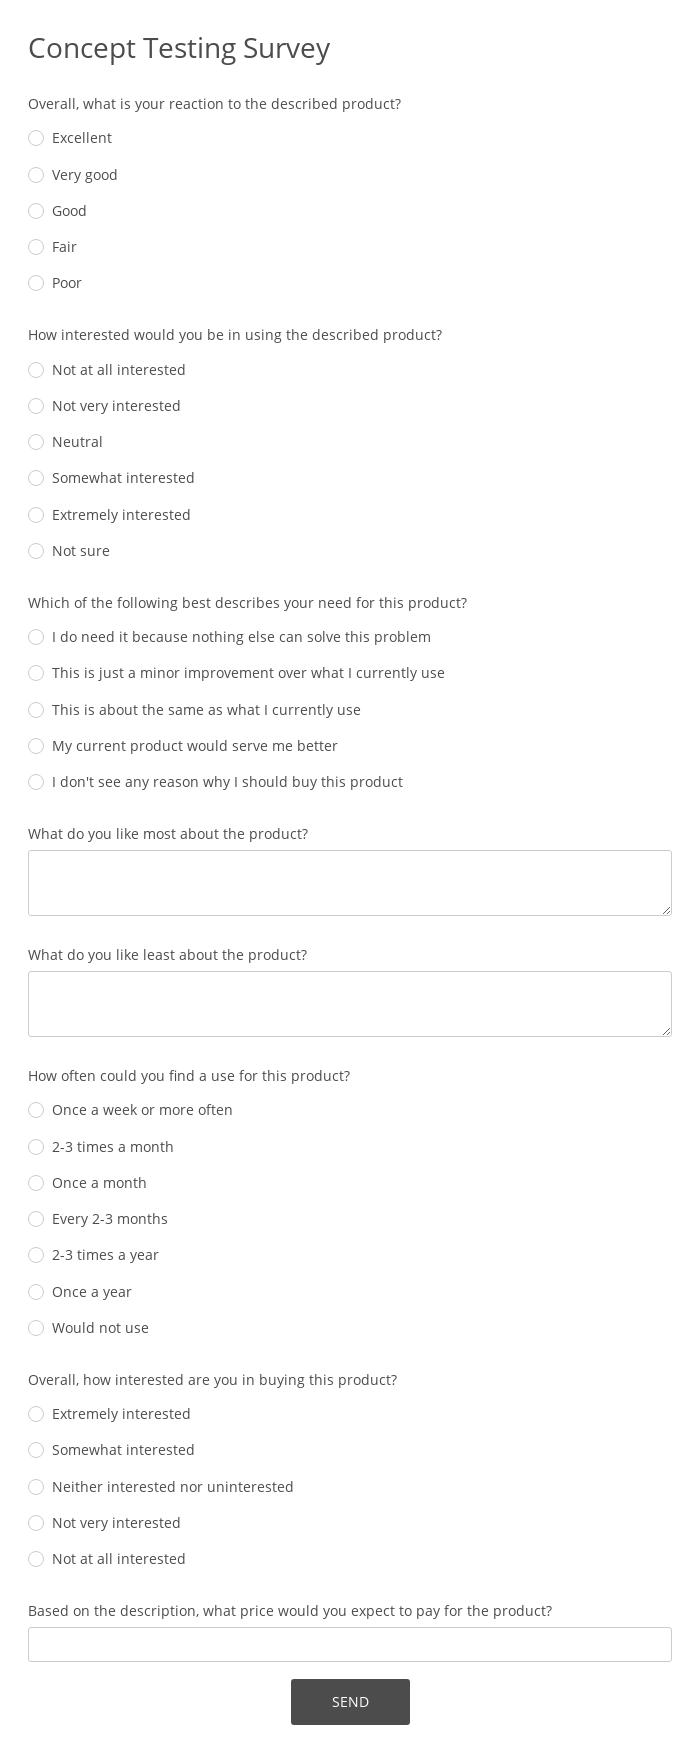 Concept Testing Survey